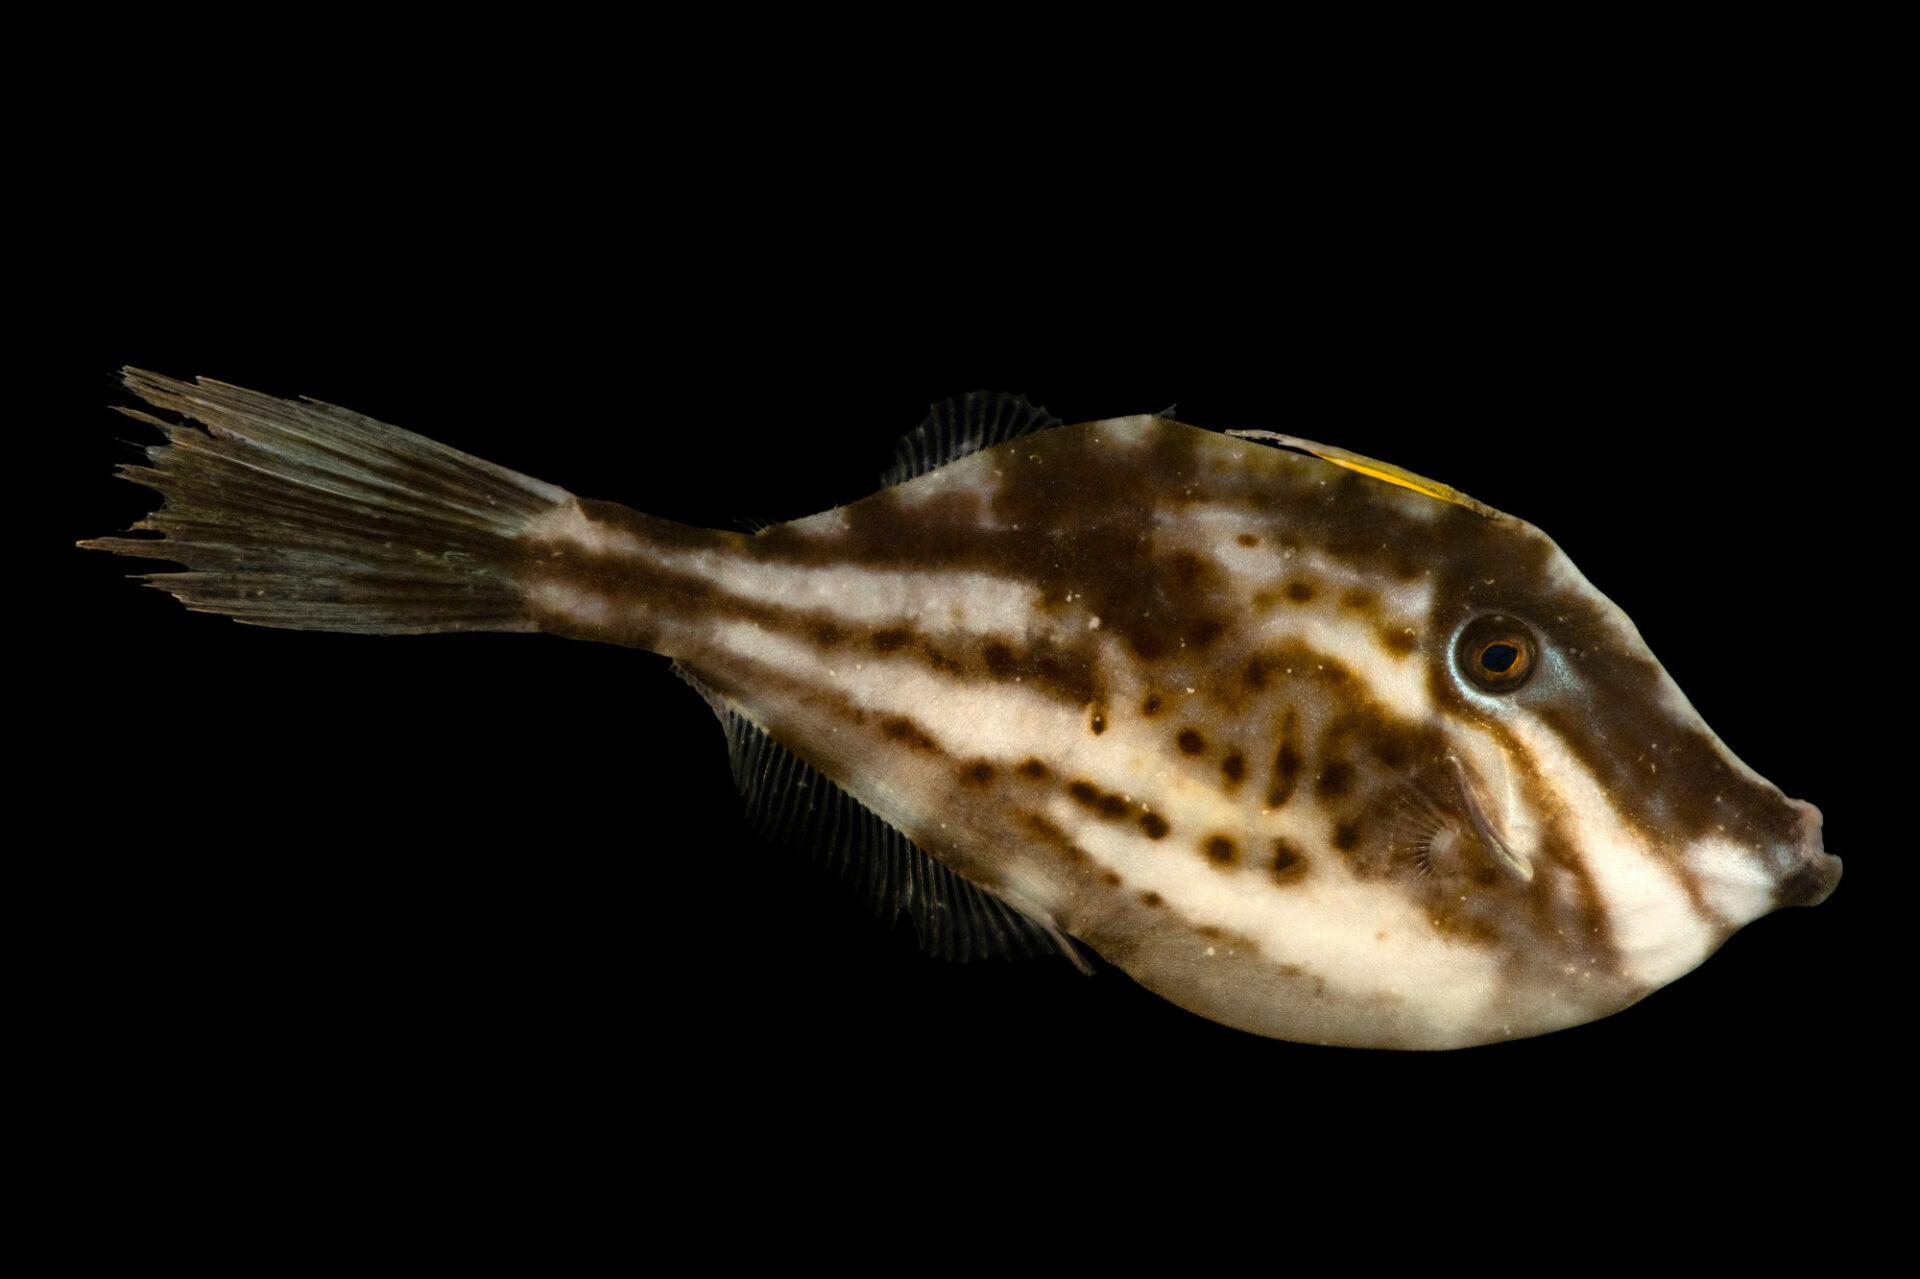 Photo: A scrawled filefish (Aluterus scriptus) at Gulf Specimen Aquarium in Panacea, FL.